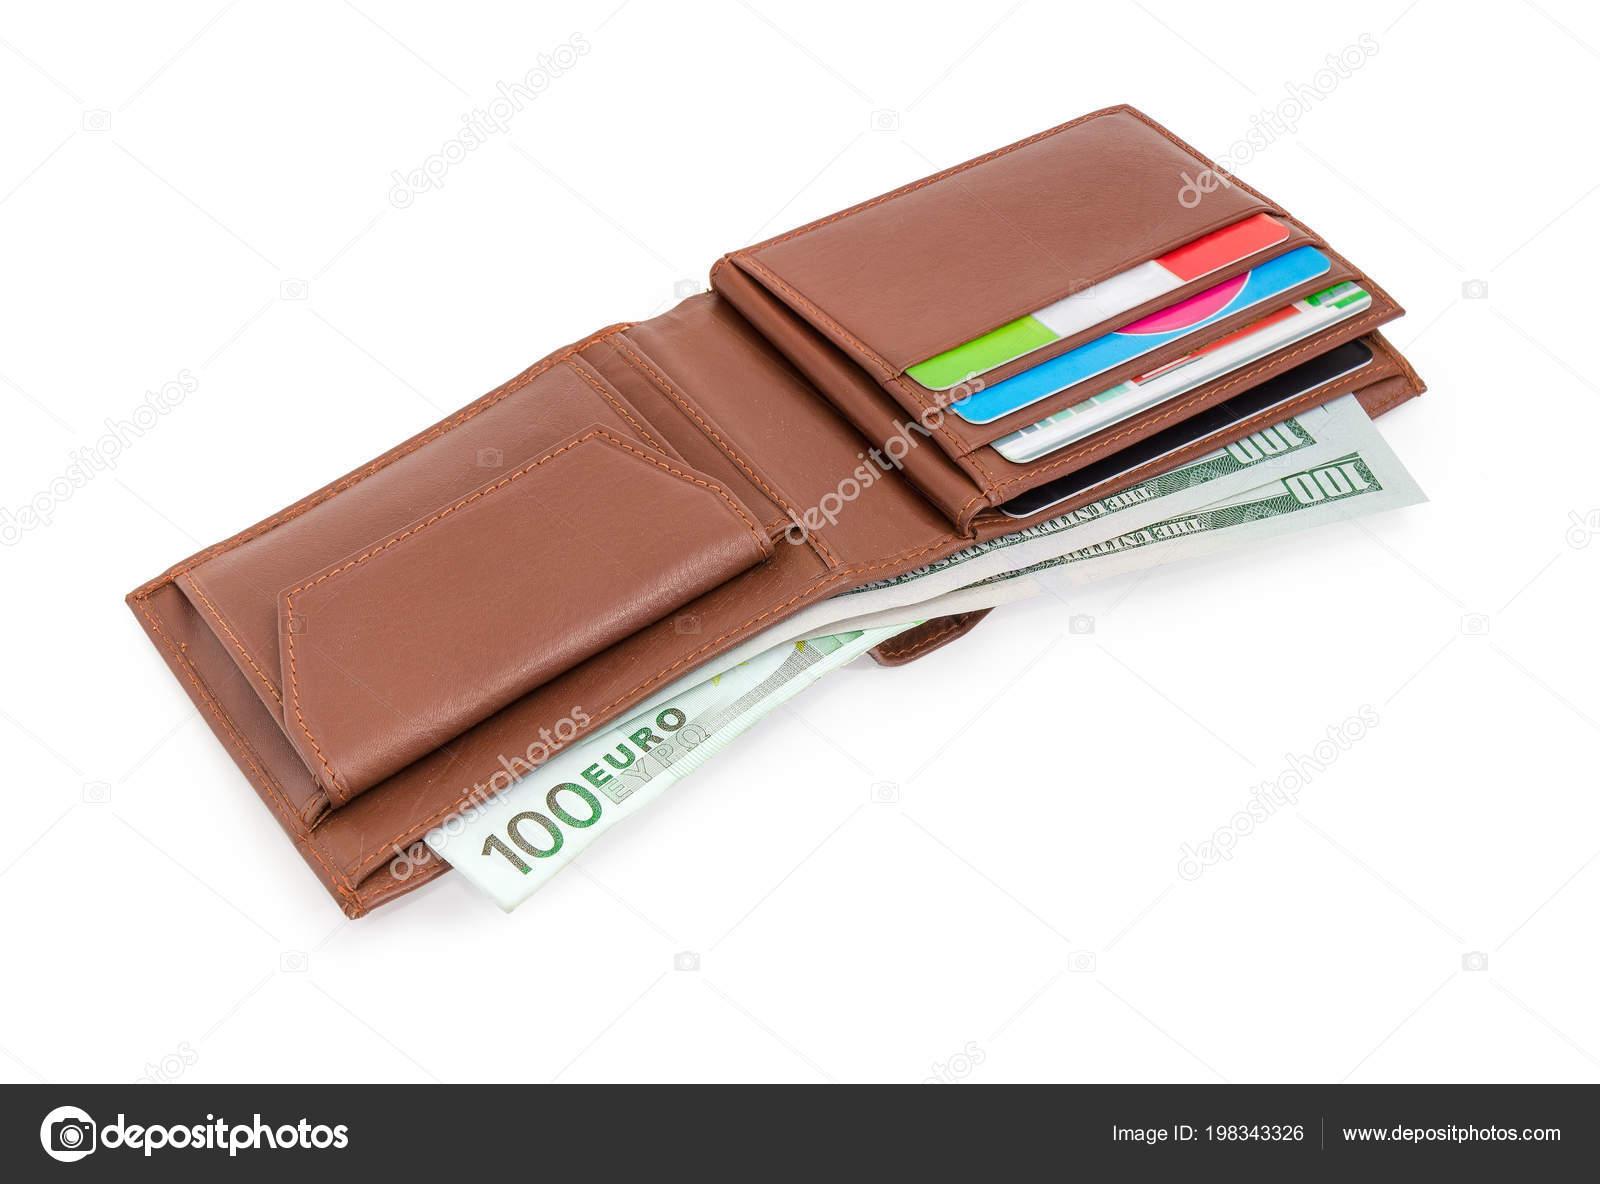 Amerikaanse Leren Bank.Open Bruin Lederen Portemonnee Met Bankbiljetten Van Amerikaanse